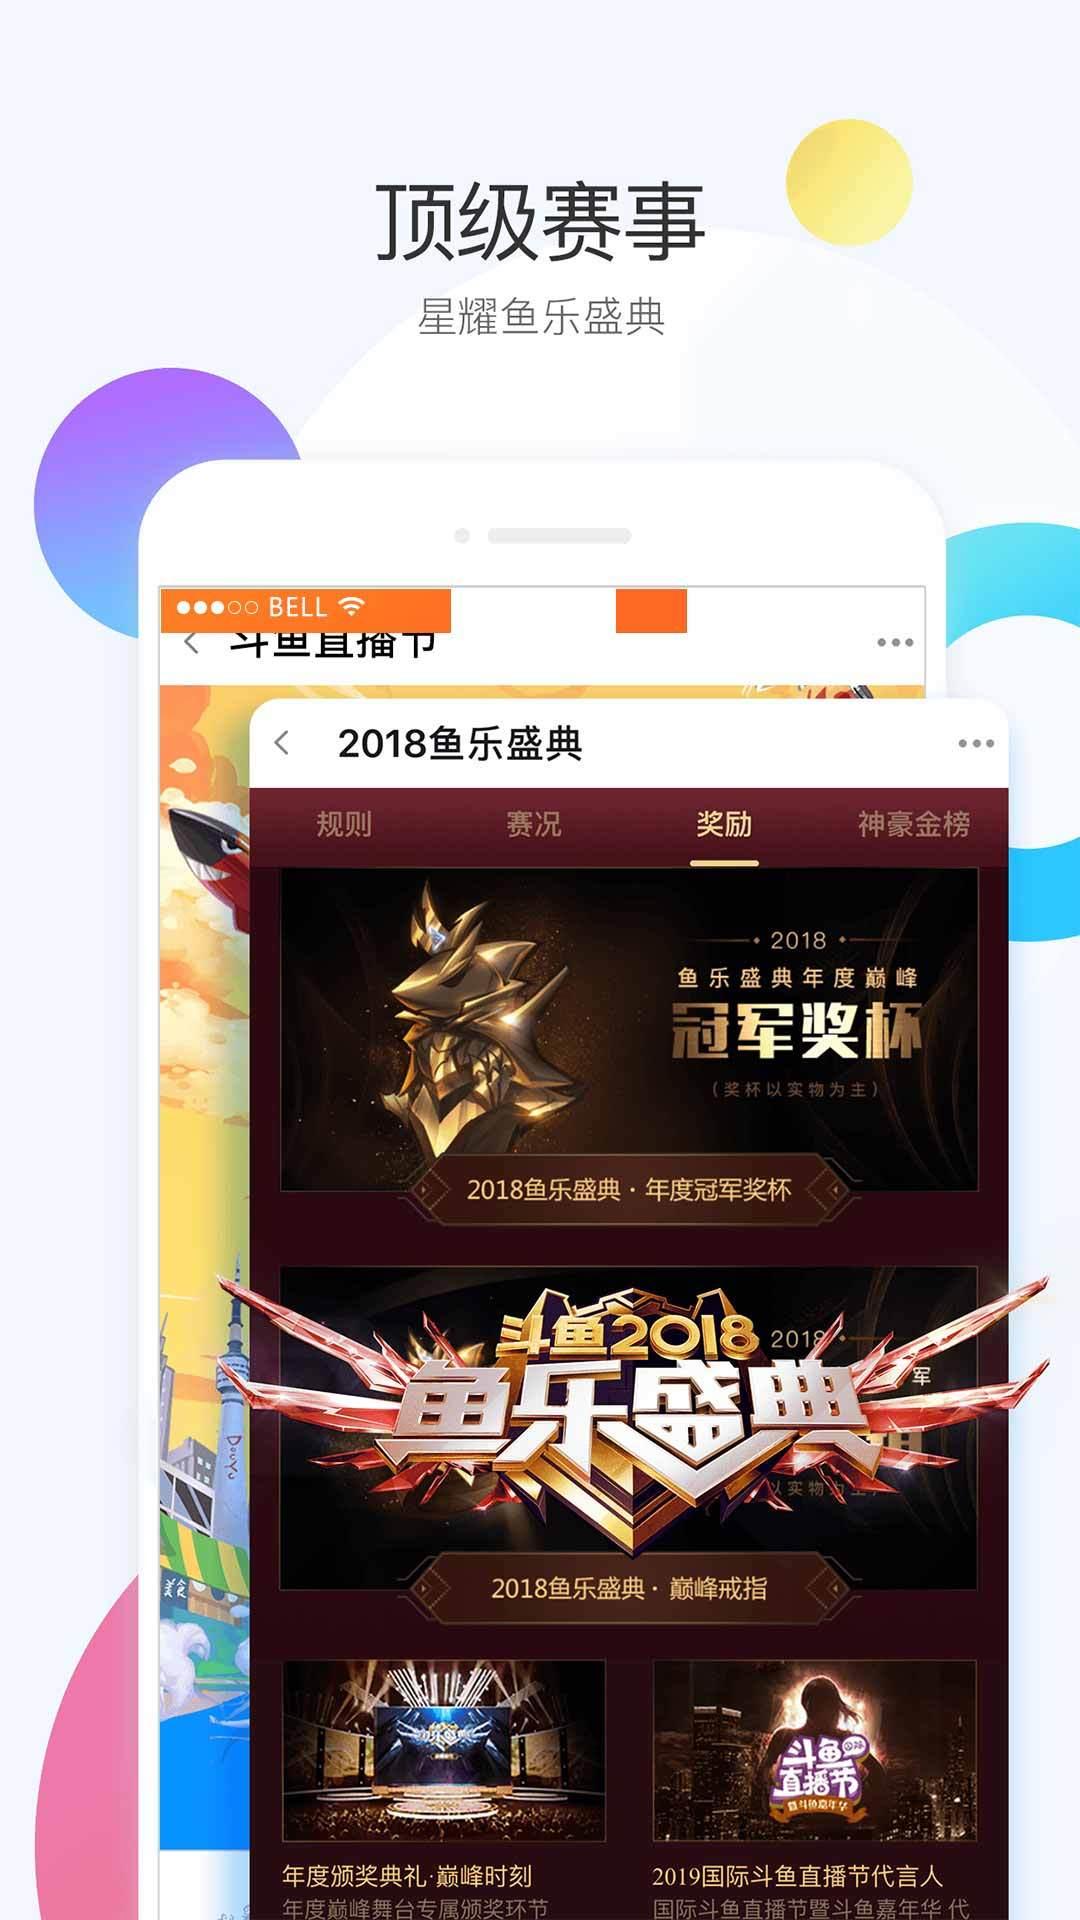 斗鱼时光机2019链接入口图3